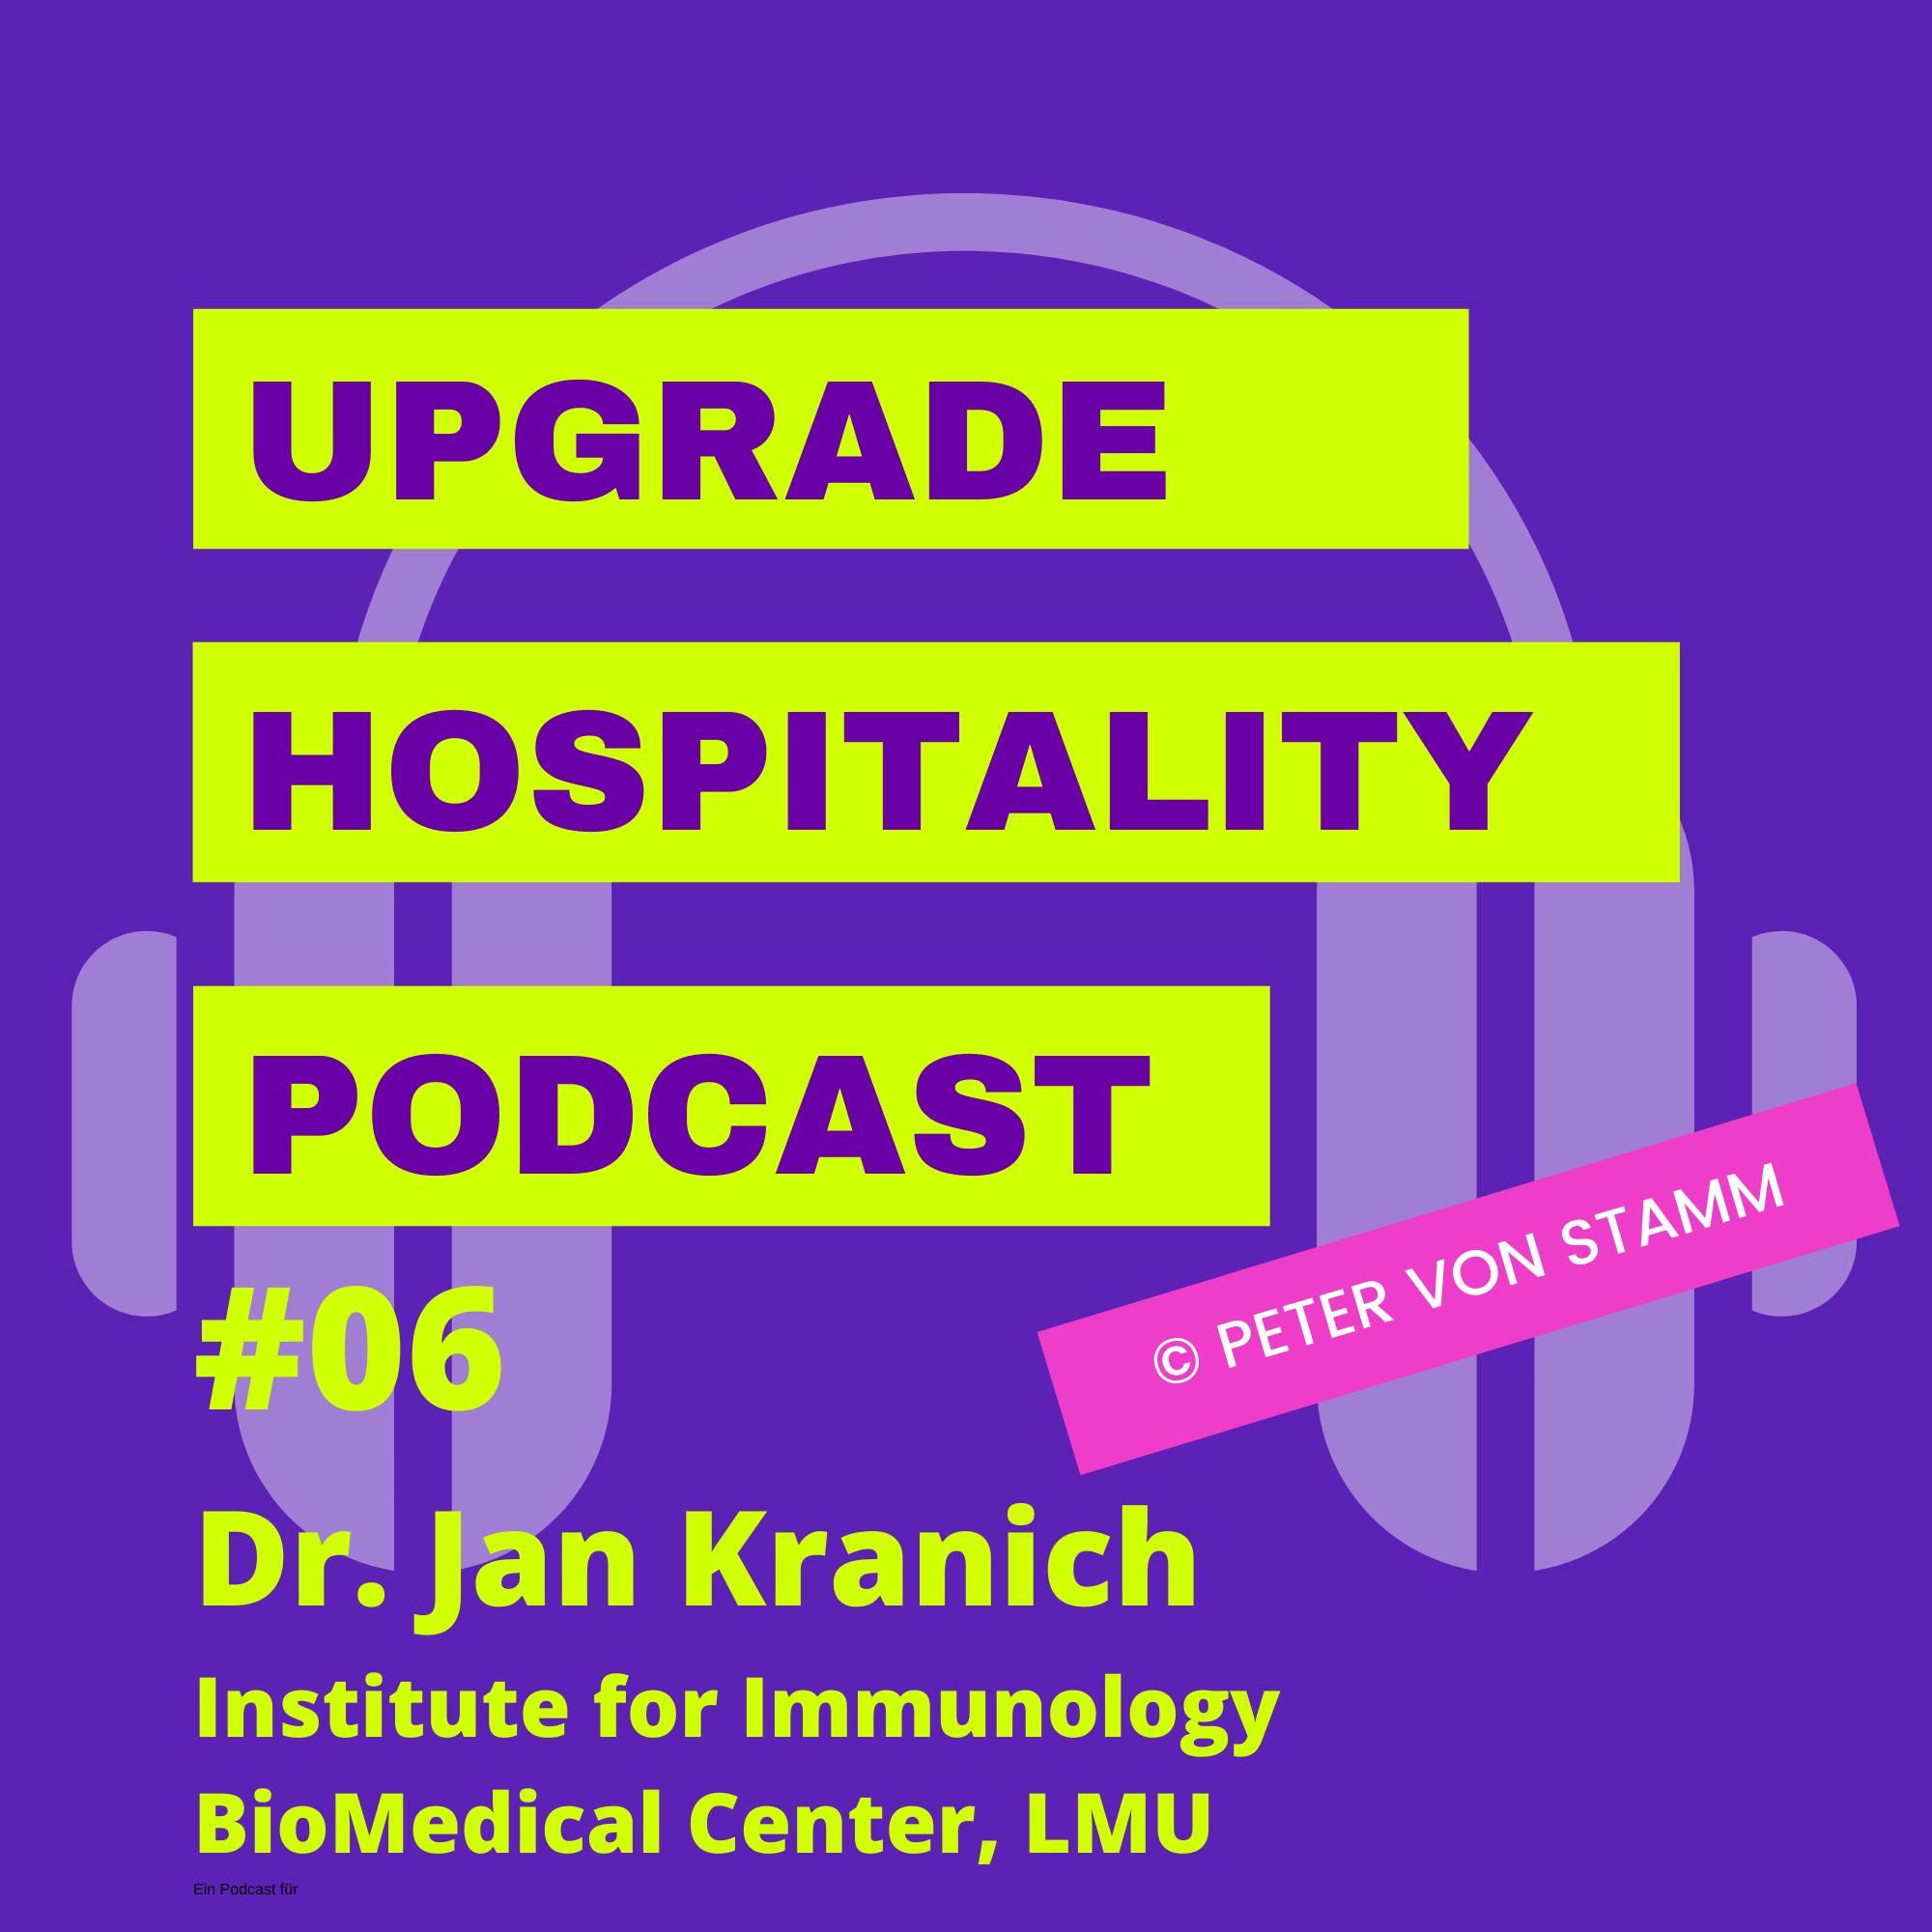 #06: Immunologe meint, Restaurants könne man öffnen, reisen sollten man aber noch nicht! Dr. Jan Kranich erklärt, warum